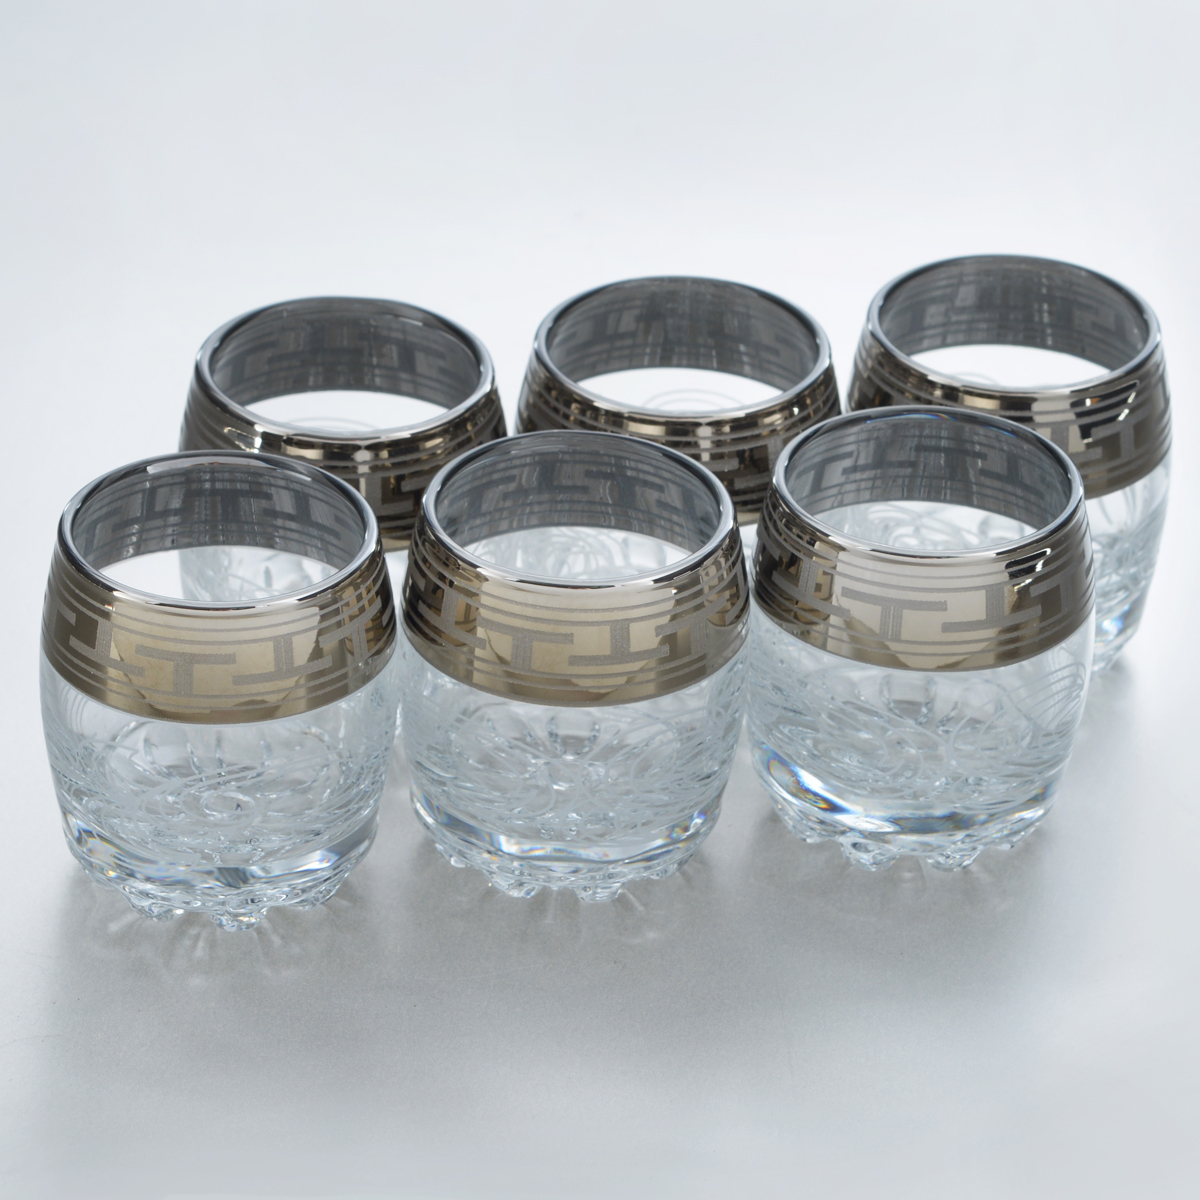 Набор стаканов для виски Гусь-Хрустальный Греческий узор, 305 мл, 6 шт набор кувшин и 6 стаканов гусь хрустальный русский узор